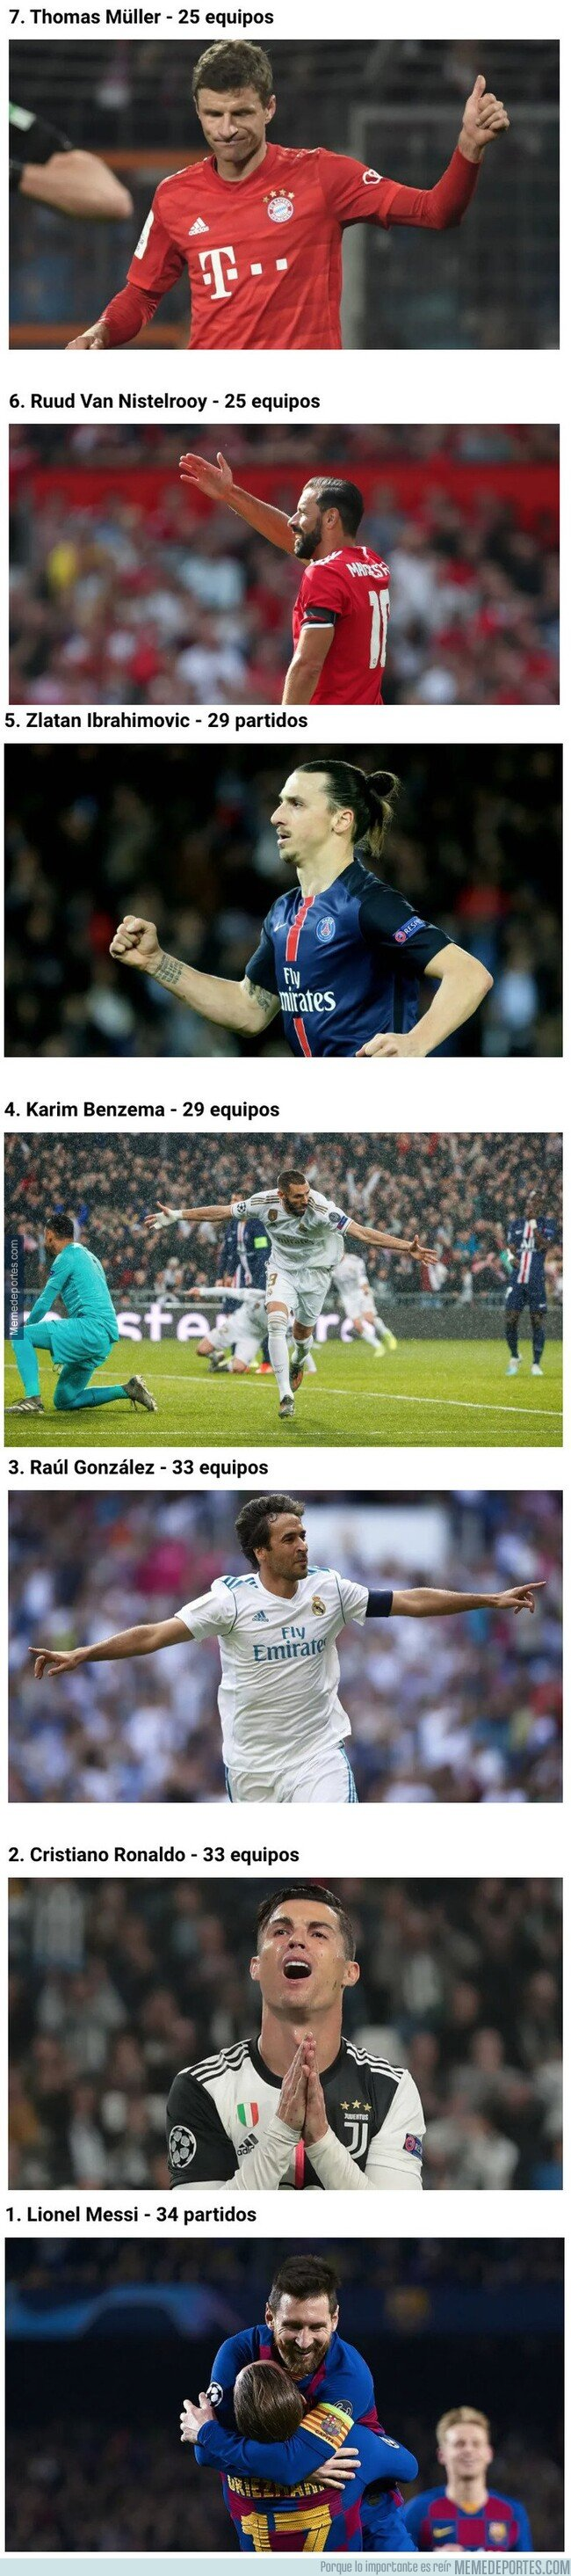 1092254 - Los 7 jugadores que han marcado contra más rivales diferentes en la Champions League